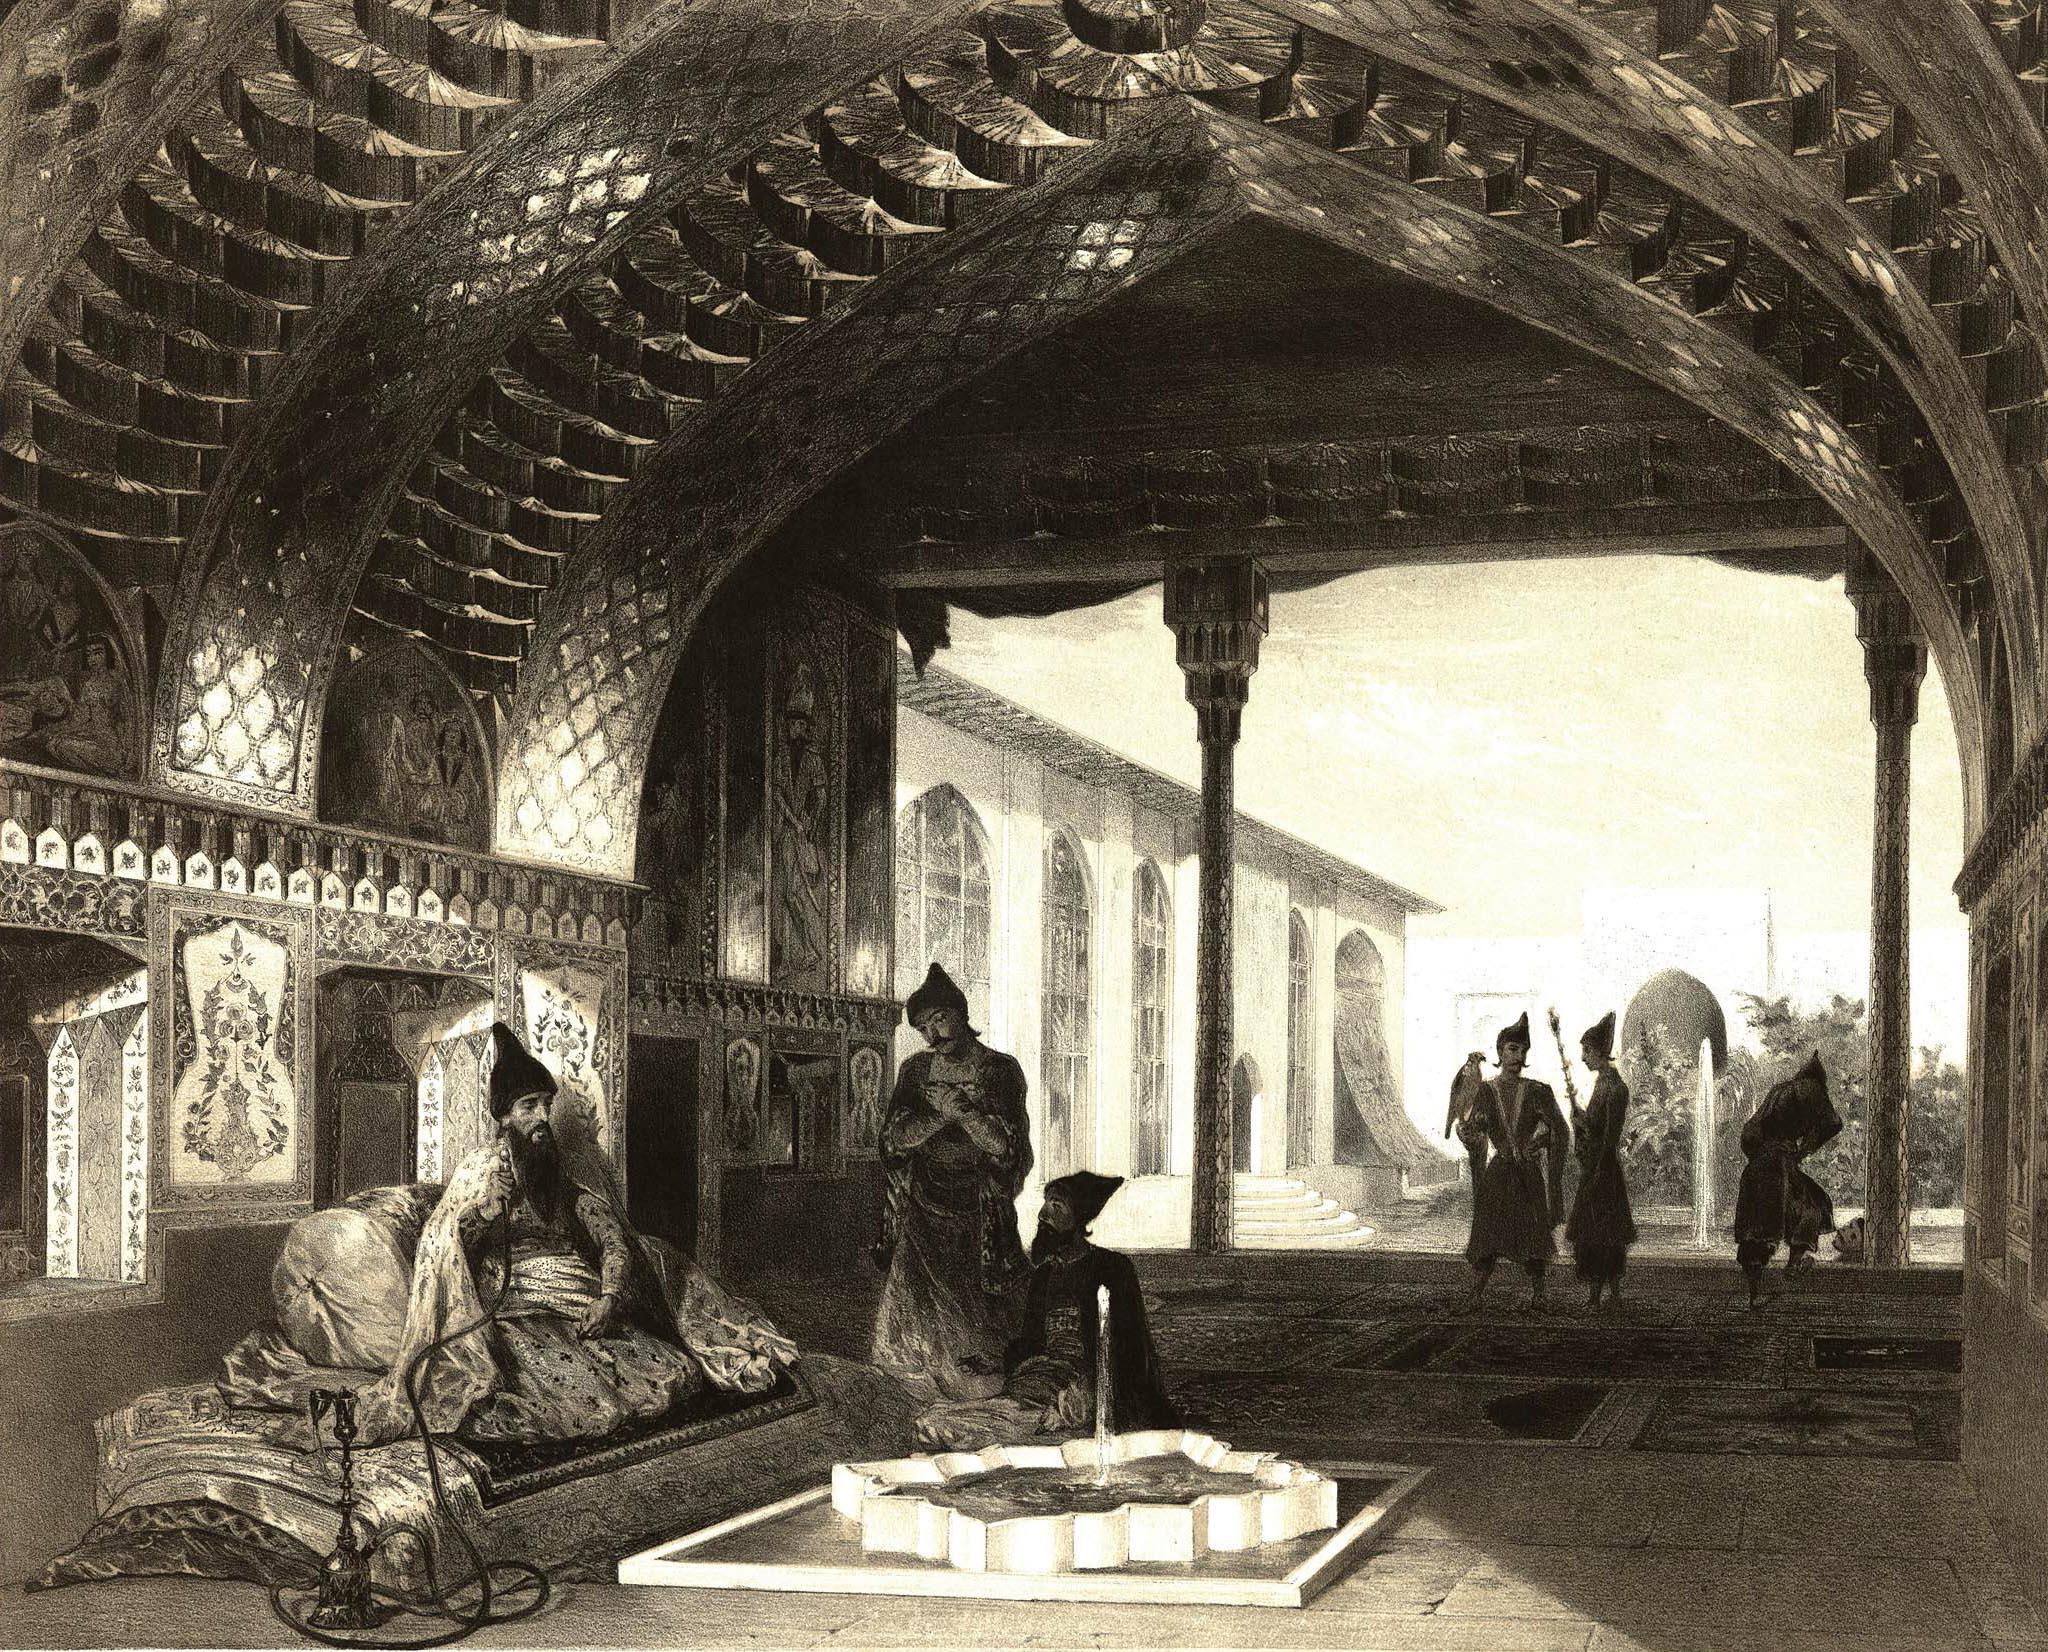 17. Armenie. Salle des Miroirs dans le palais du sardar D'Erivan /Армения. Зеркальный зал во Дворце сардара Эривани